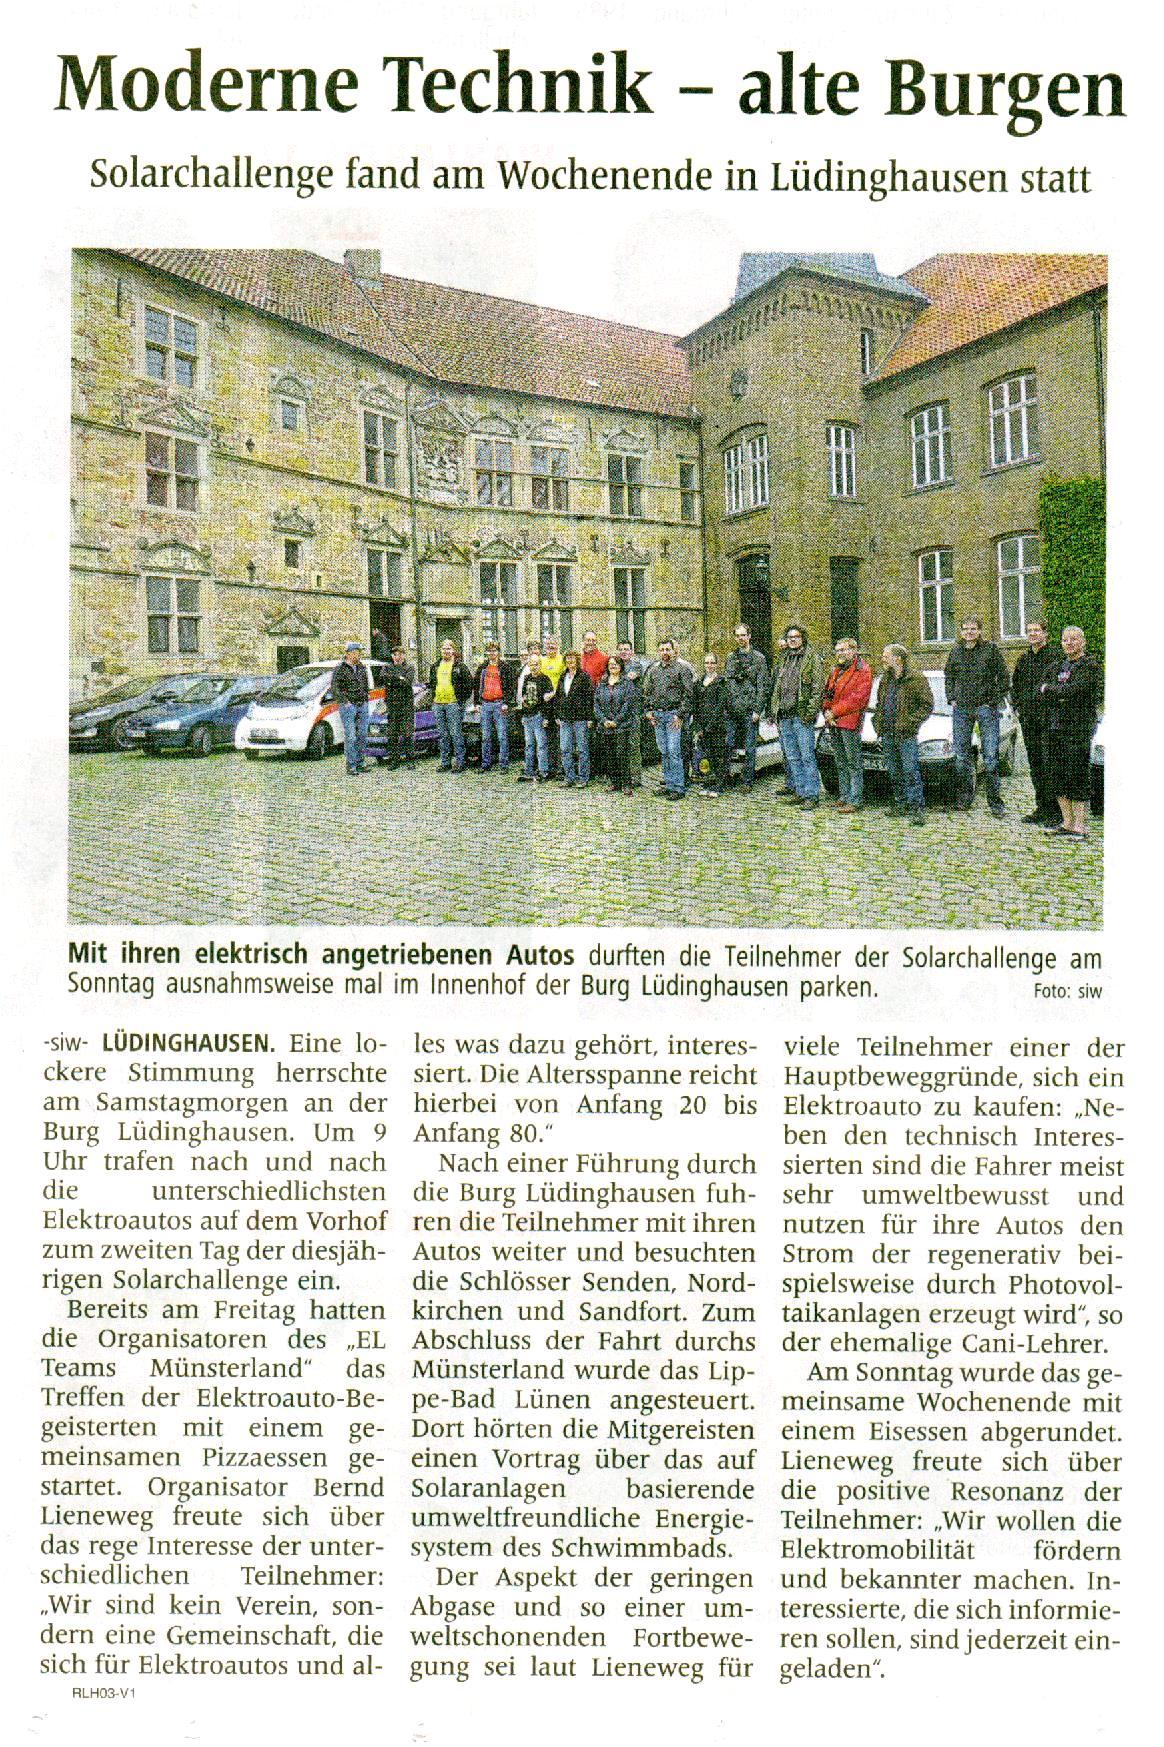 Westfälische Nachrichten vom 21. Mai 2014